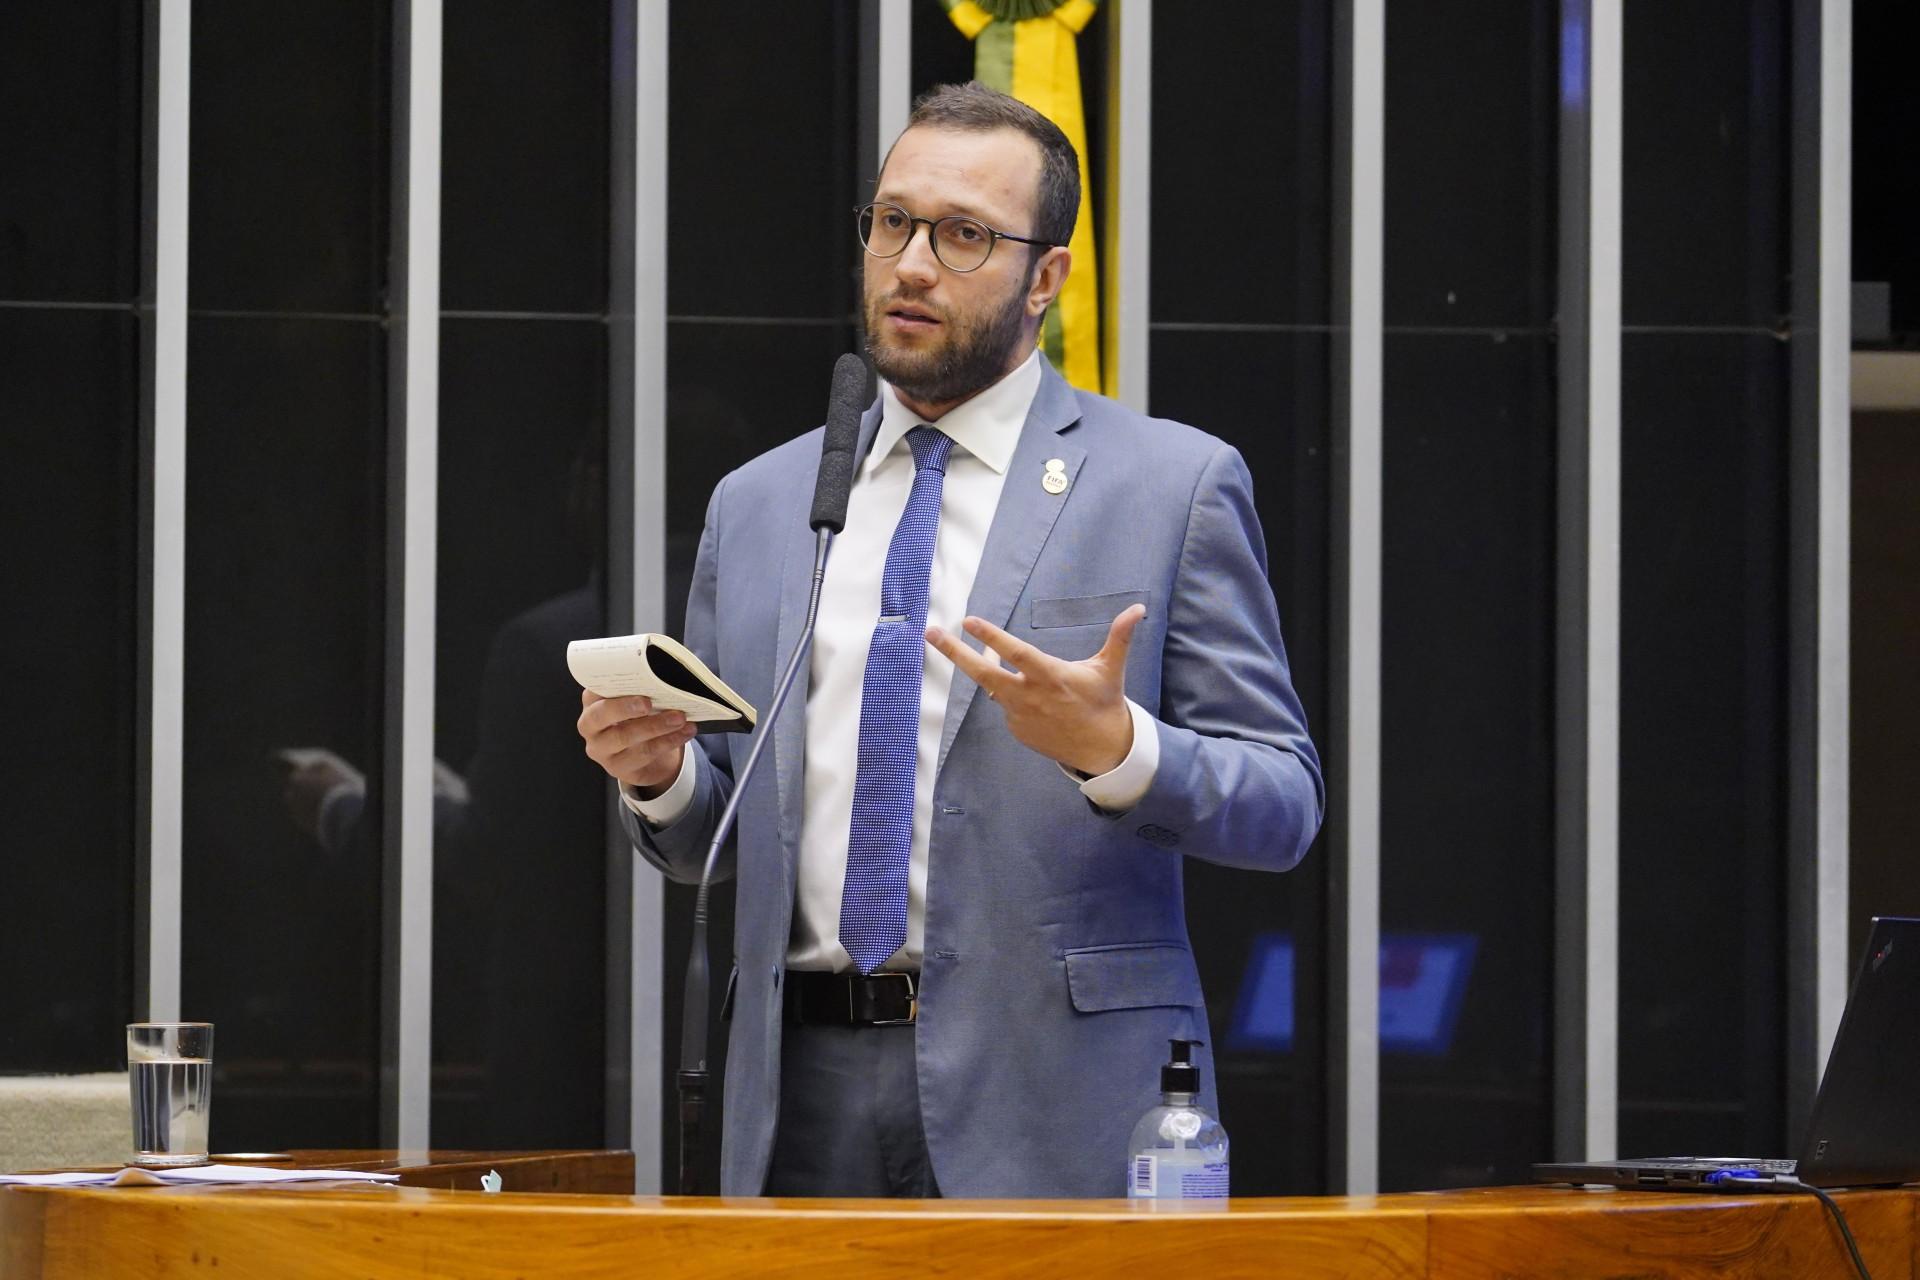 FILIPE Barros, deputado bolsonarista, deu parecer pró-voto impresso  (Foto: Pablo Valadares/Câmara dos Deputados)